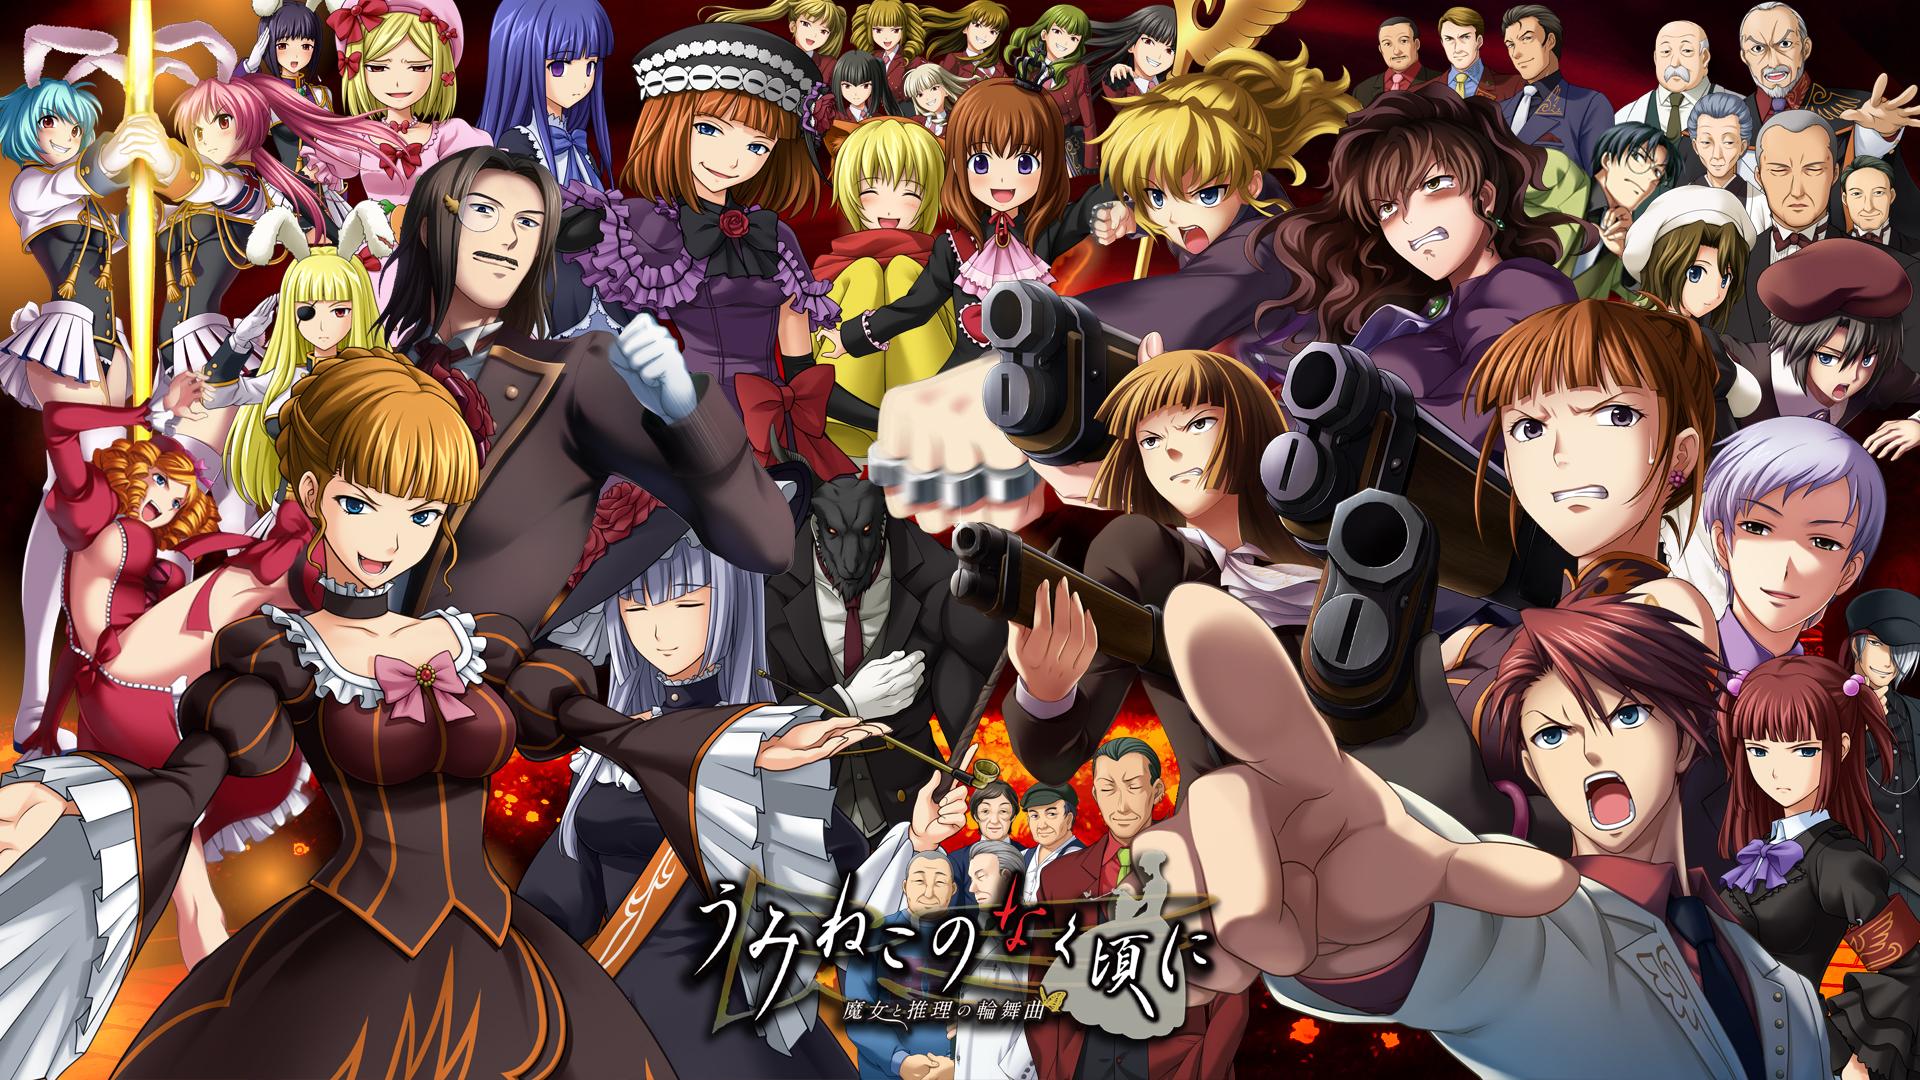 UMINEKONO NAKU KORO NI Y CHIRU PARCHE PS3 Umineko_ps3_wallpaper_by_shinjin_sama-d3bcpd6